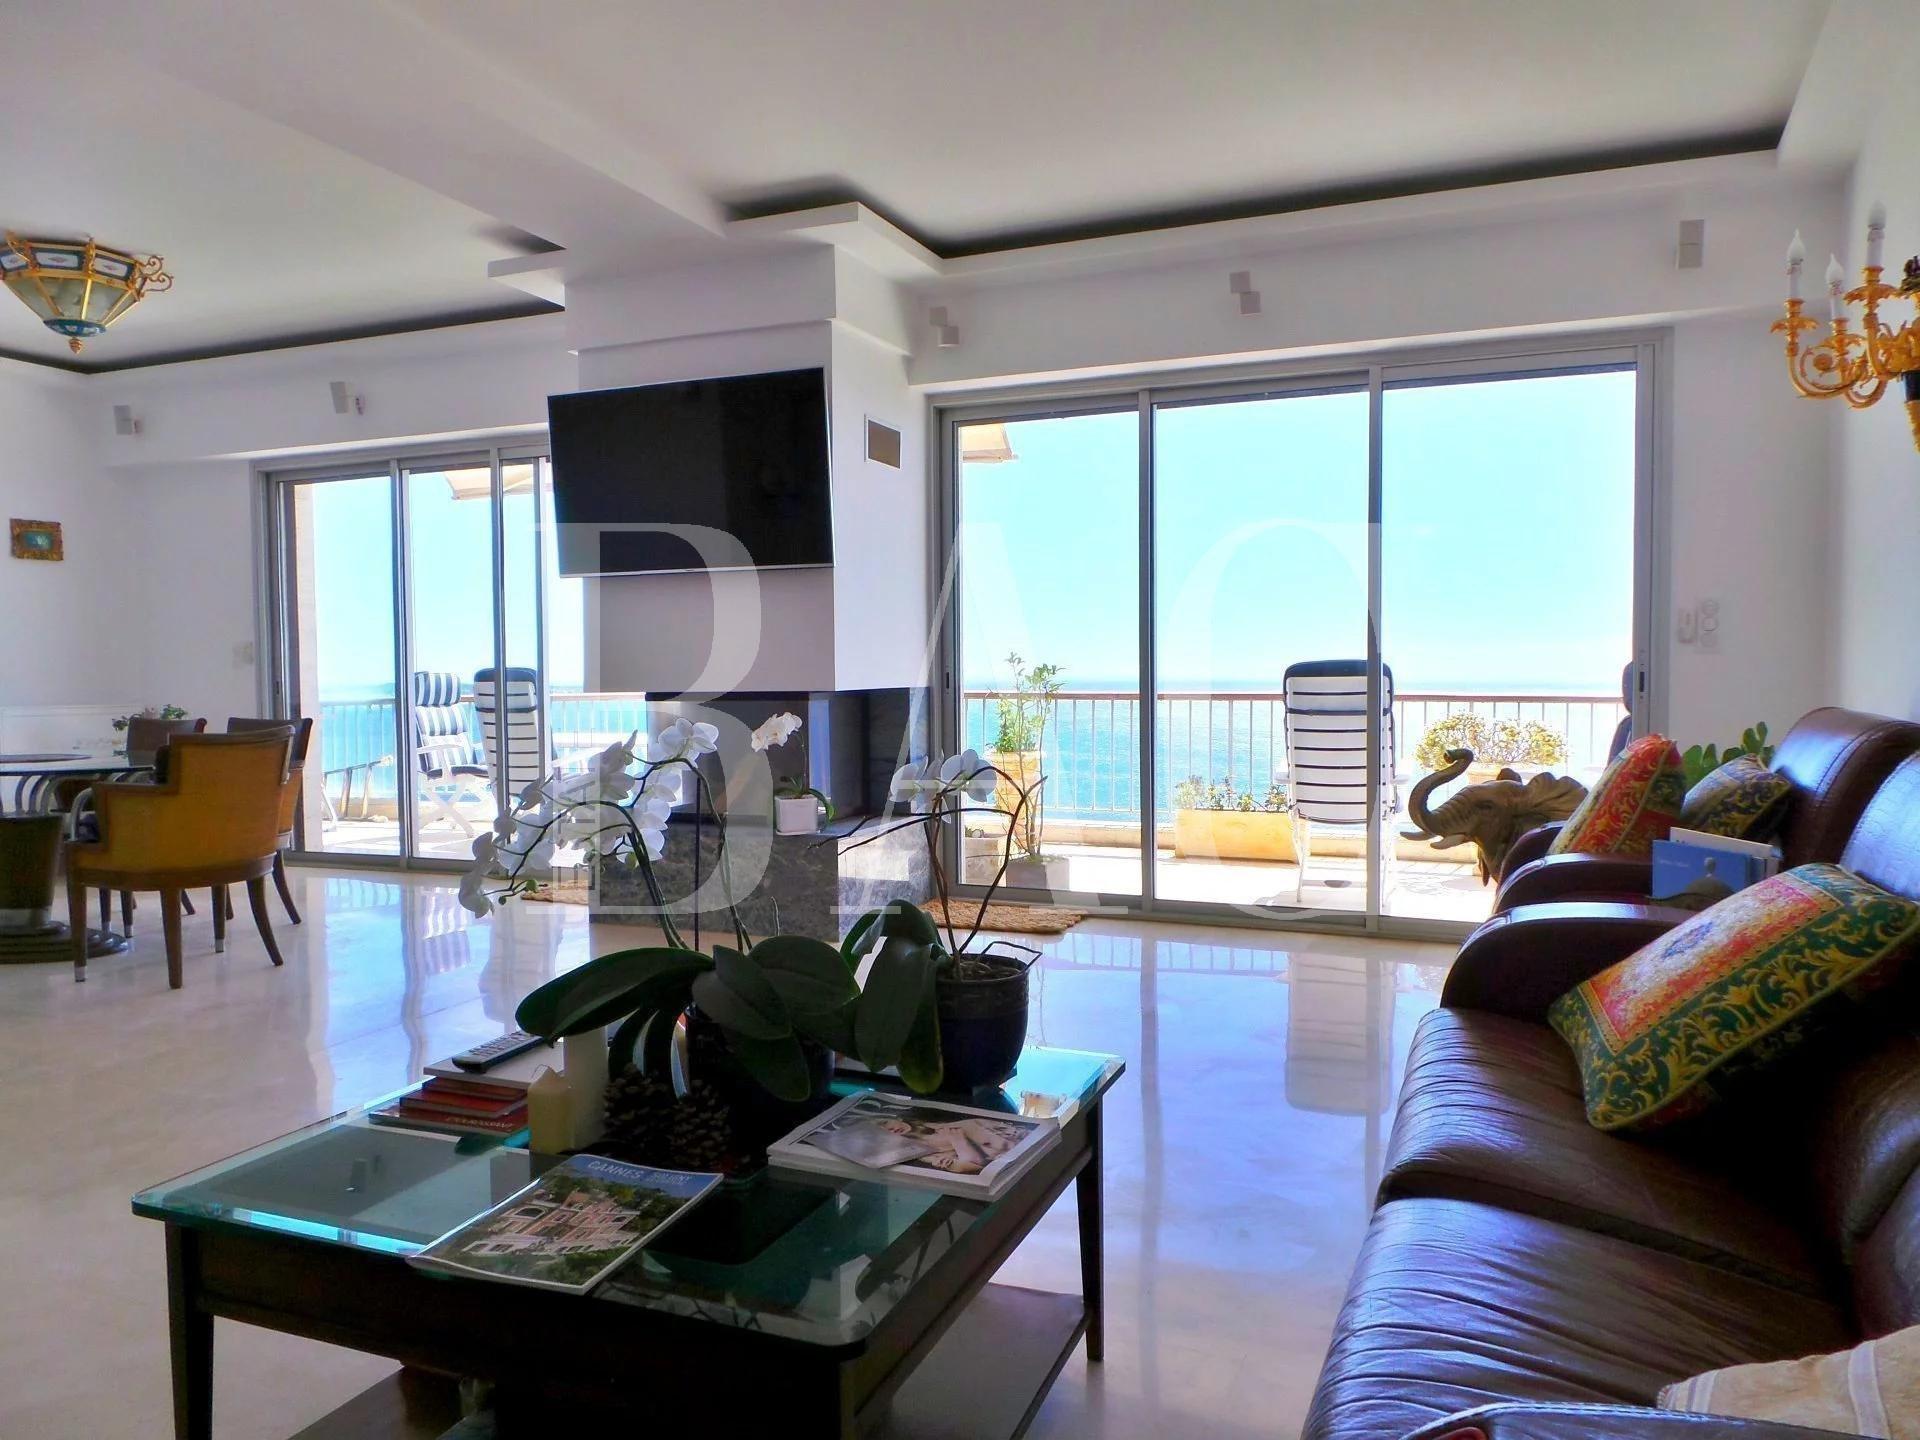 戛纳,复式公寓位于顶楼,享有全景海景